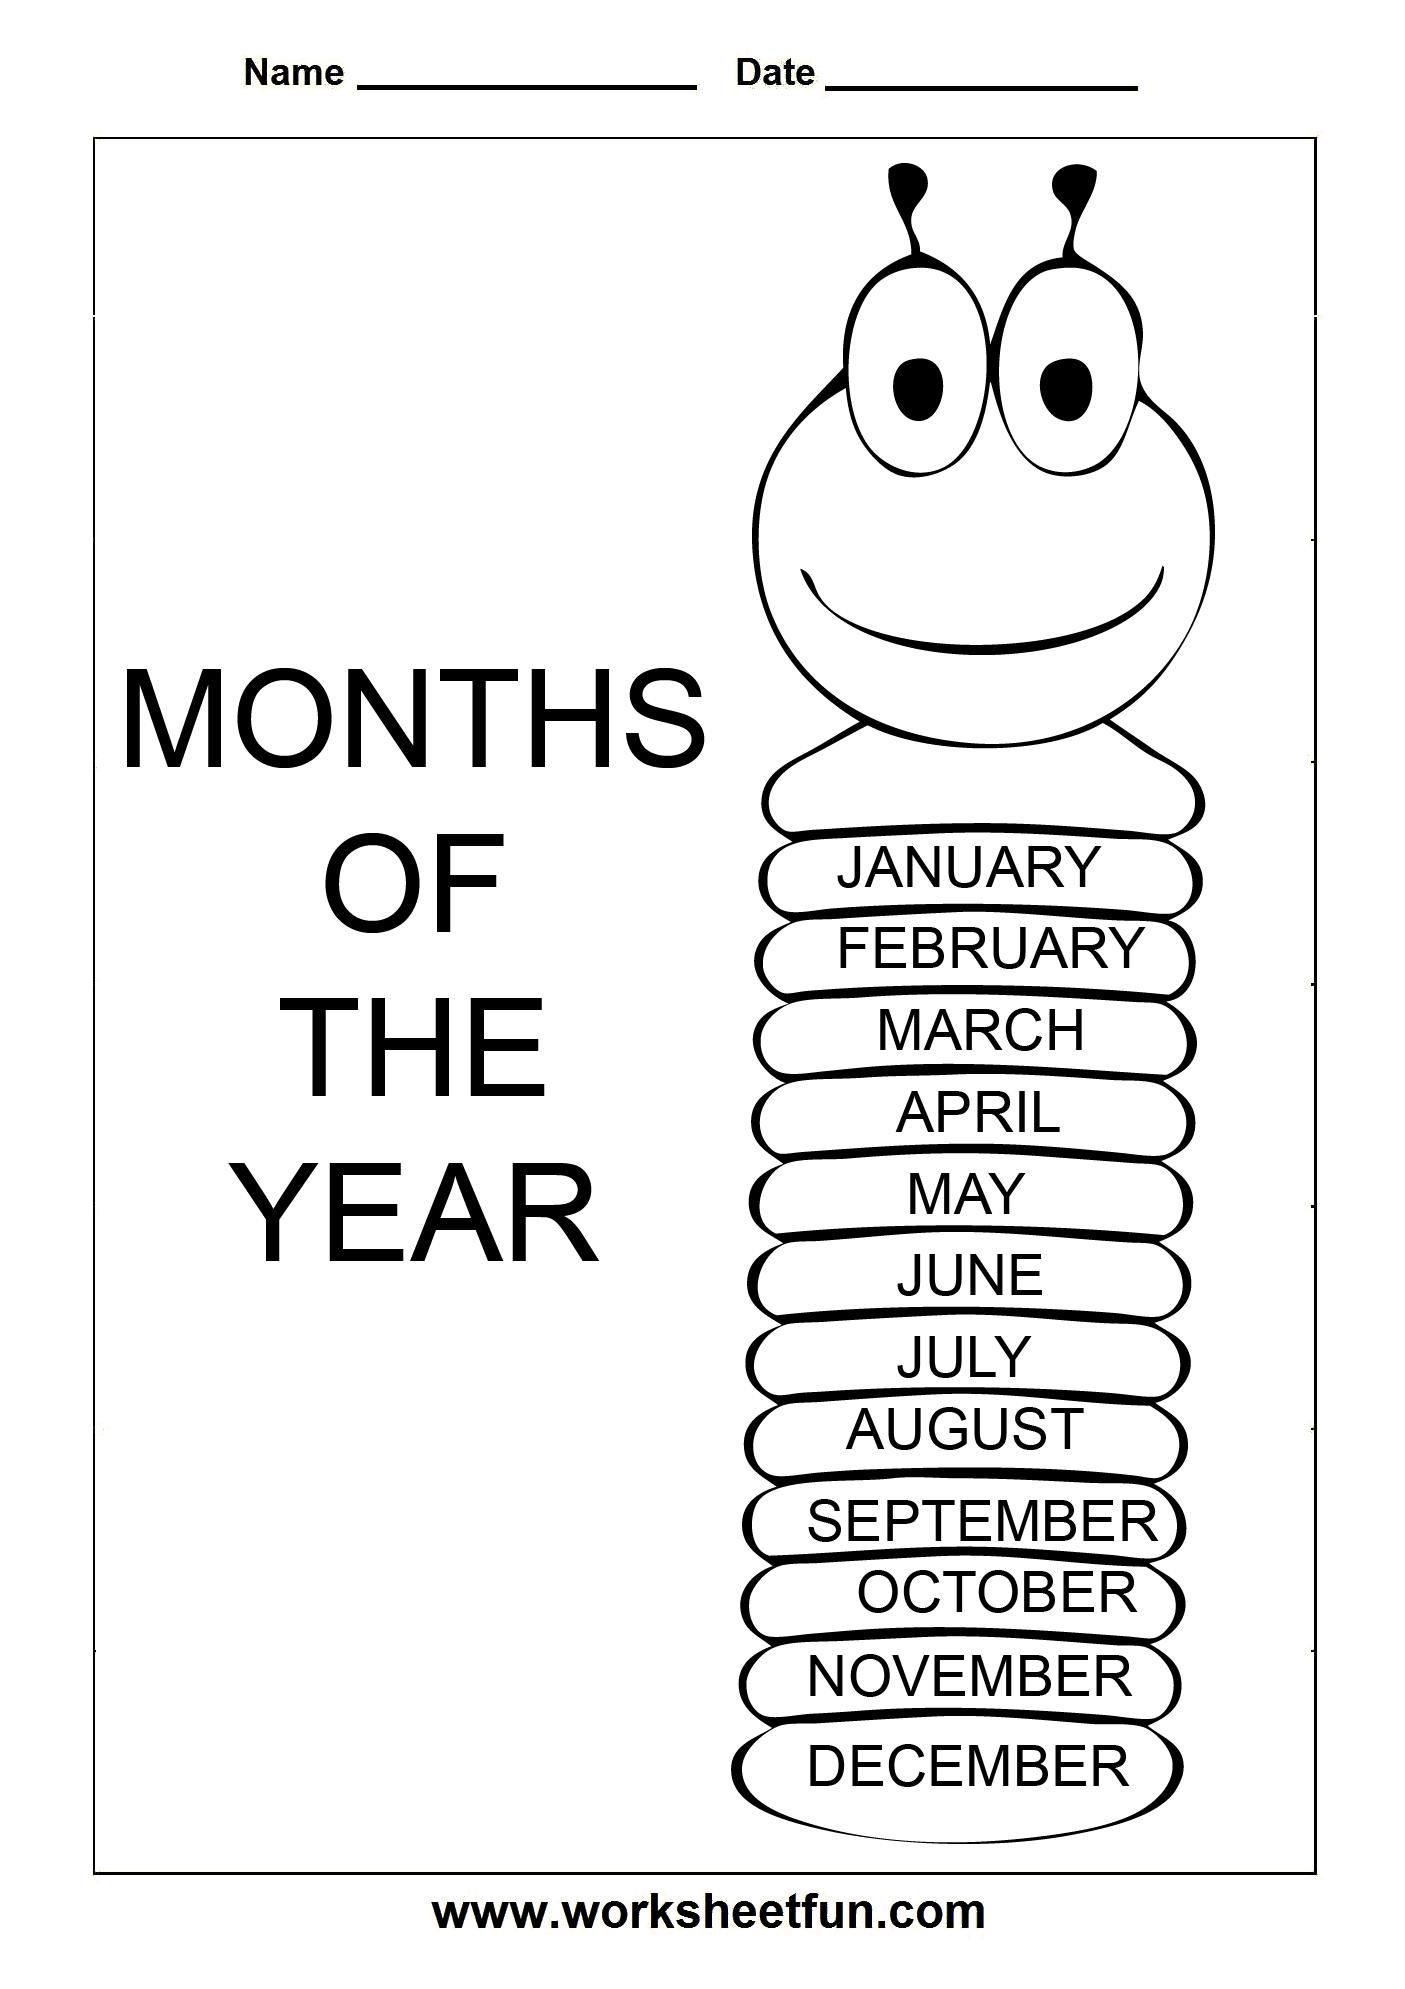 Days Of The Week 3 Worksheets Free Printable Worksheets Worksheetfun